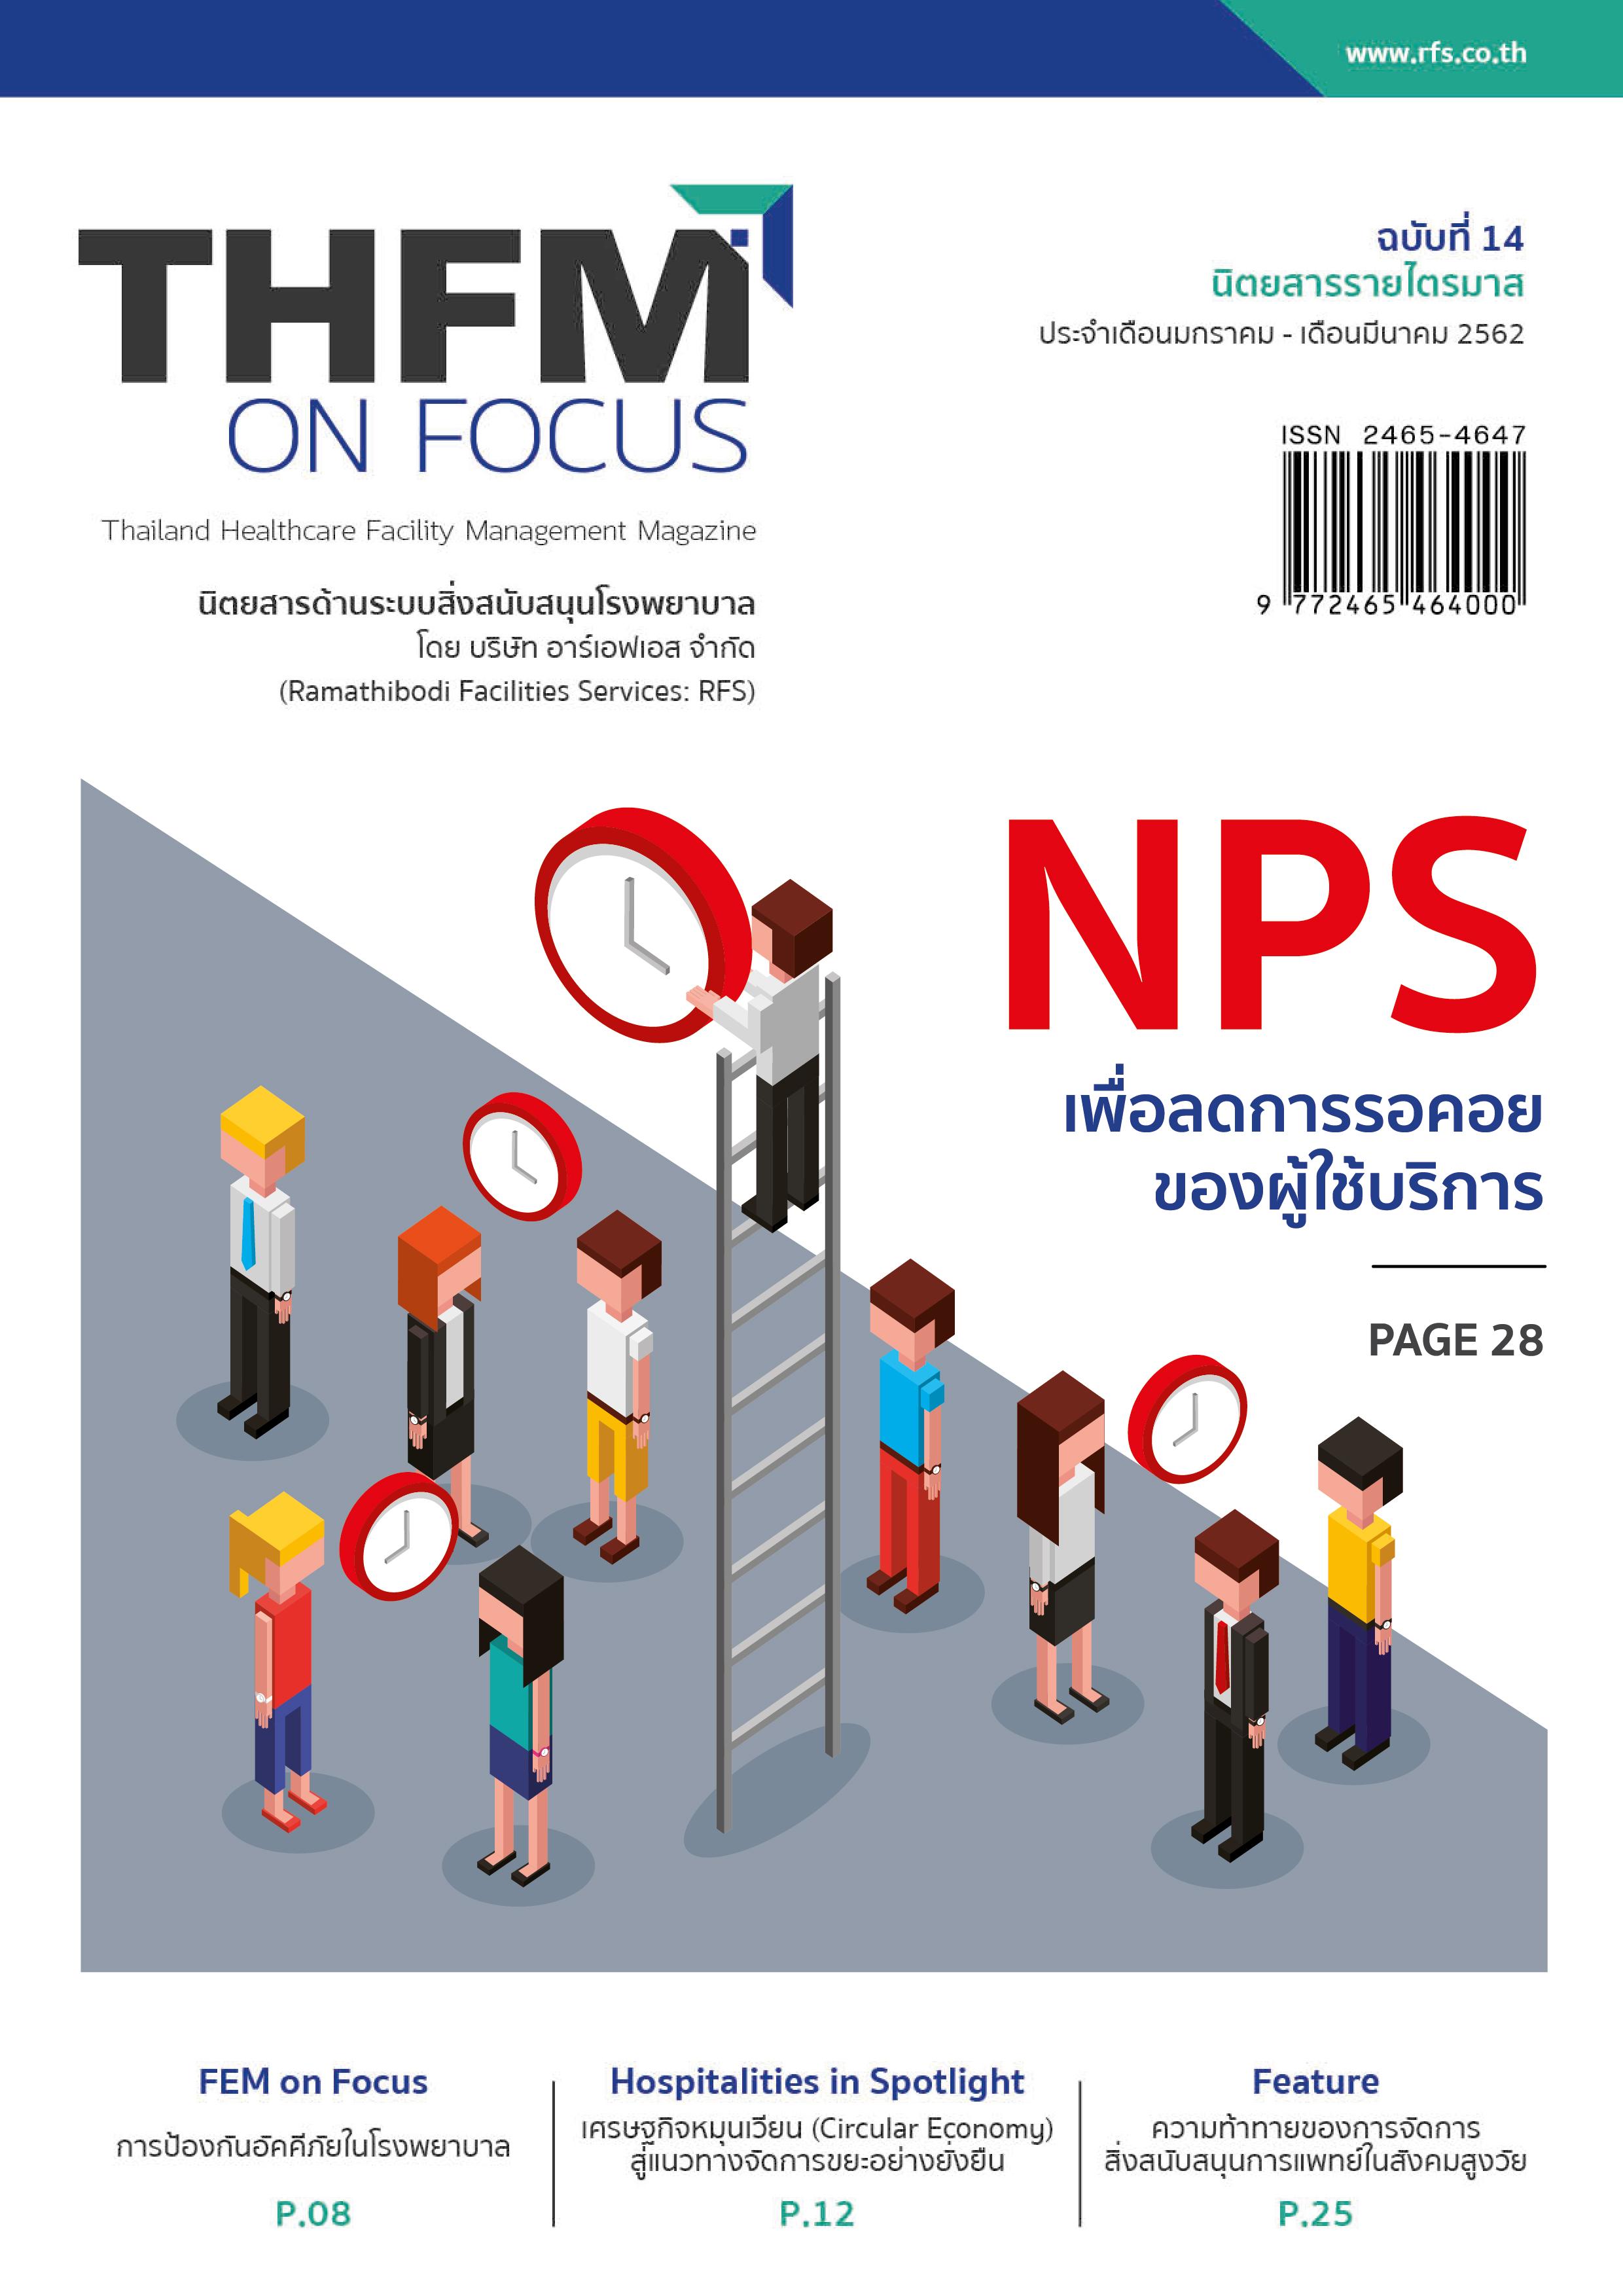 นิตยสารระบบสิ่งสนับสนุนรพ. ฉบับที่14